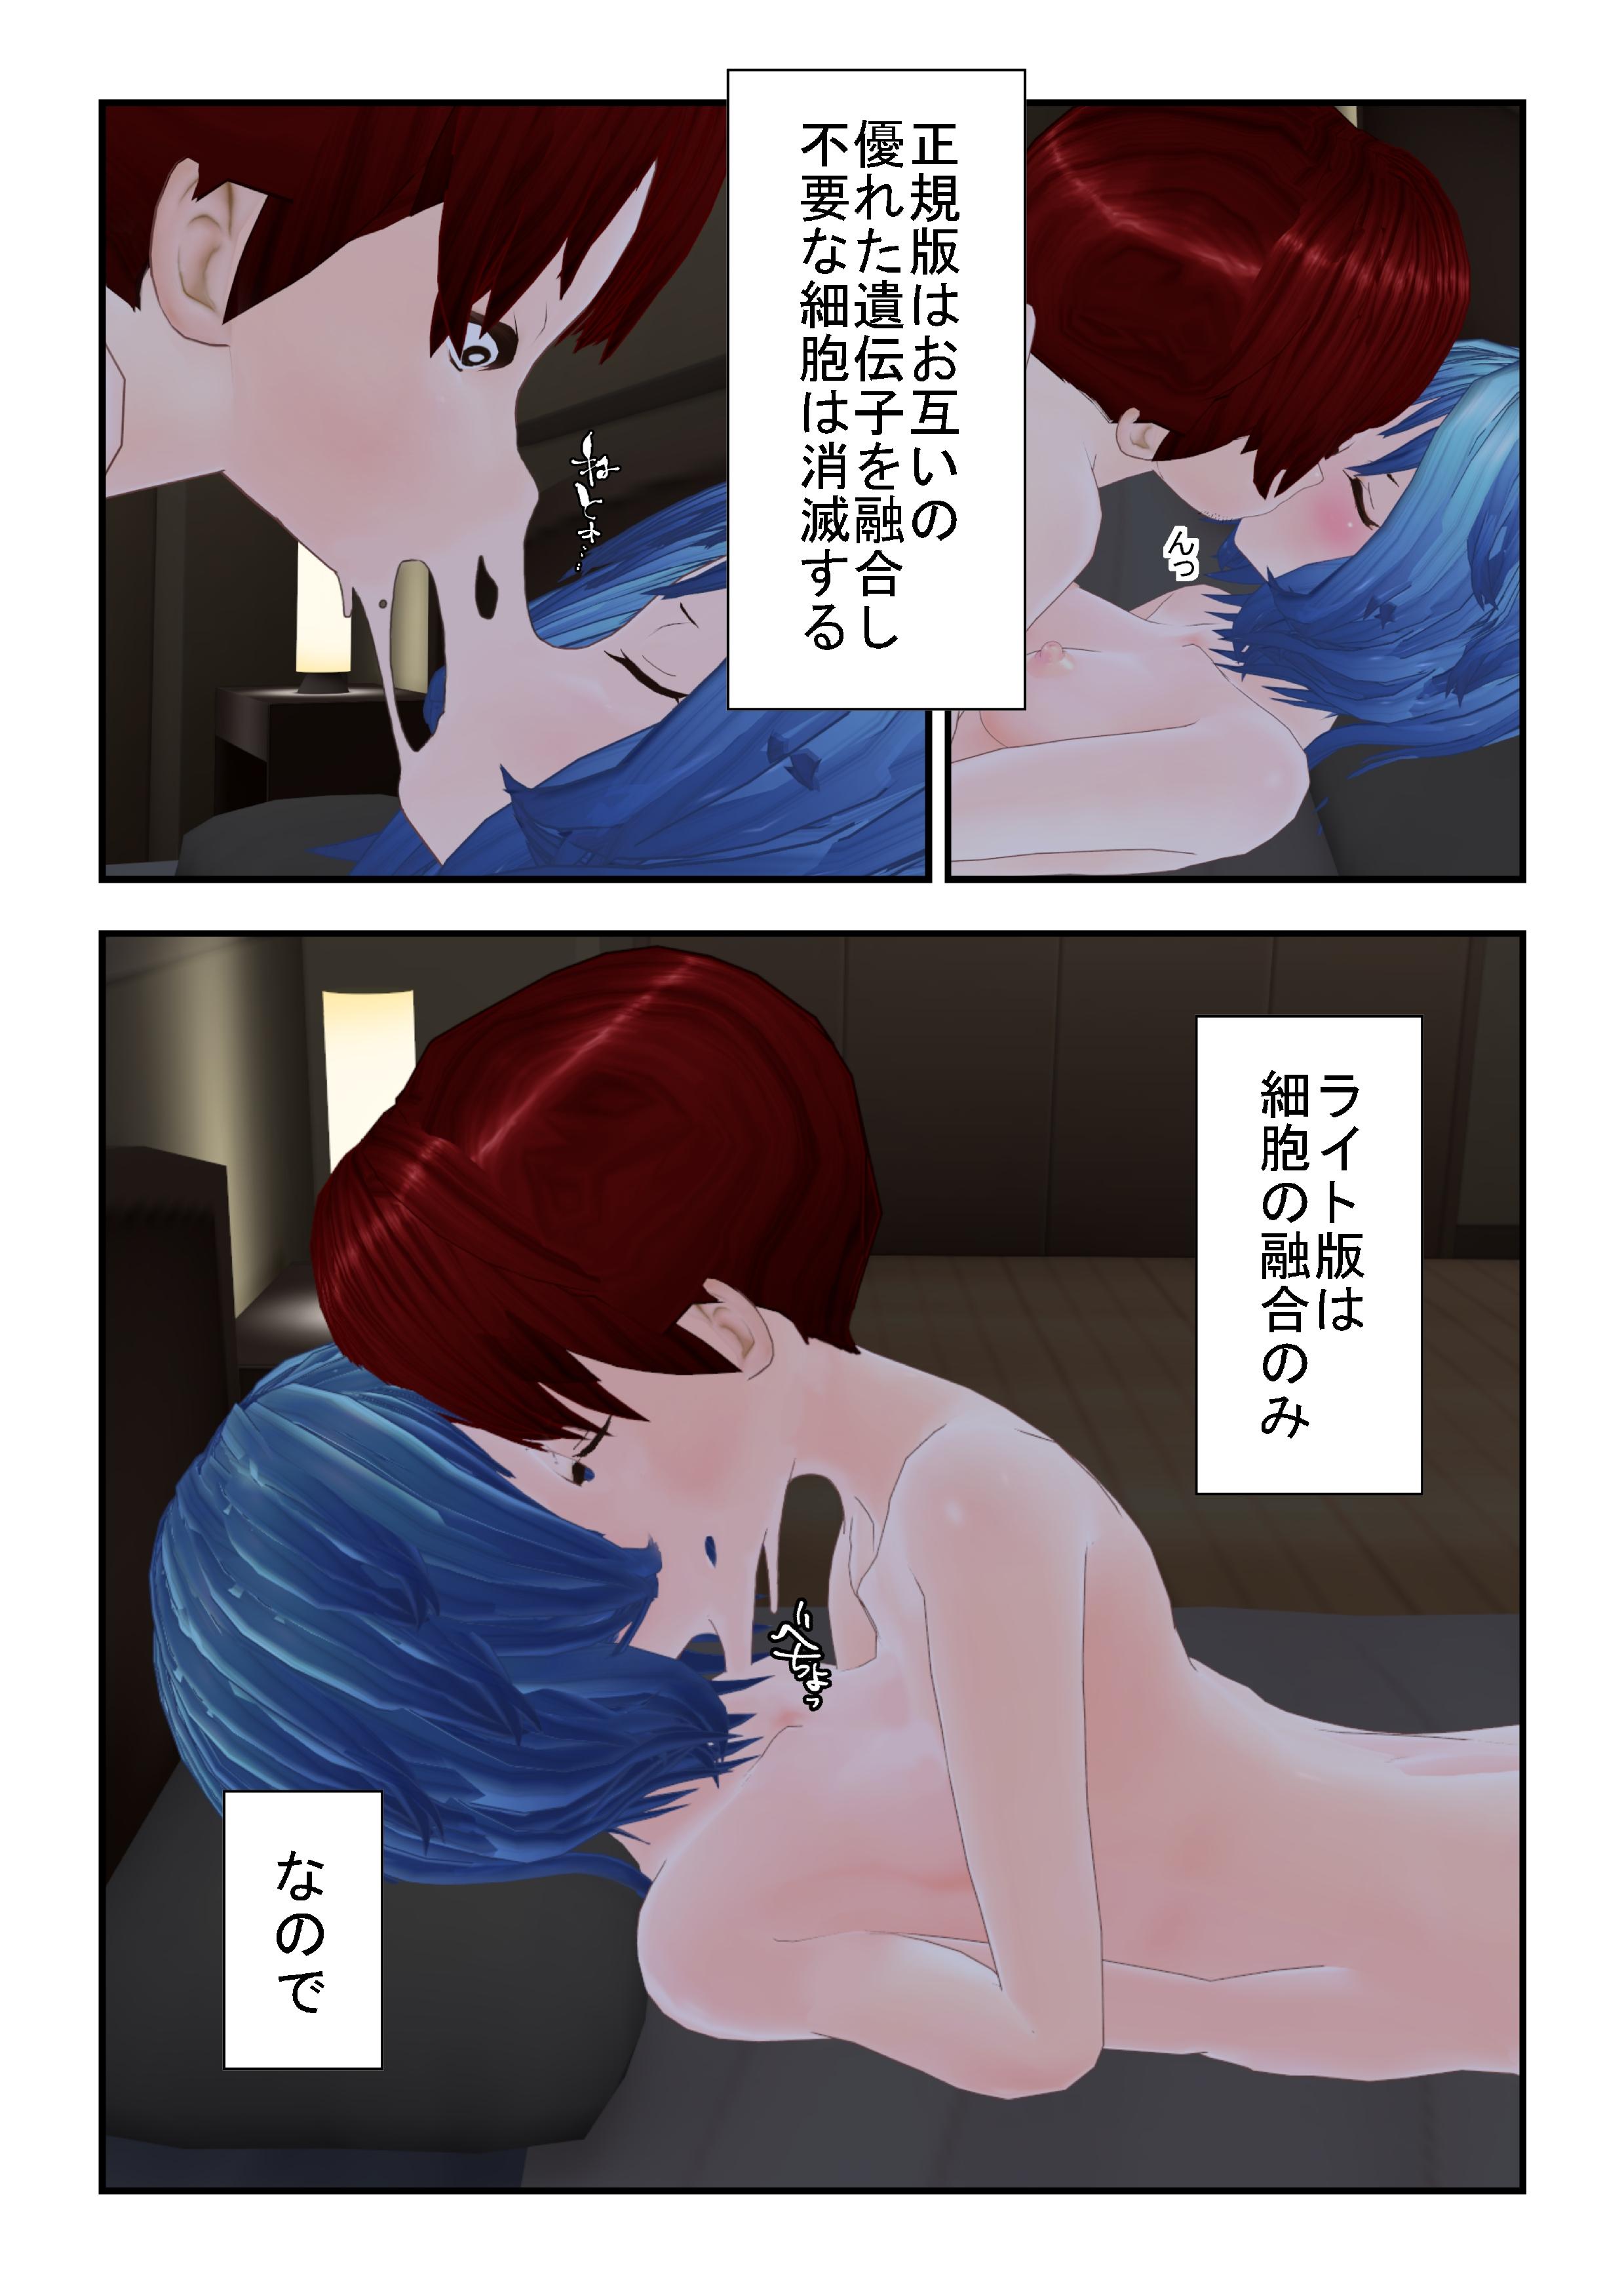 yugo_0002.jpg